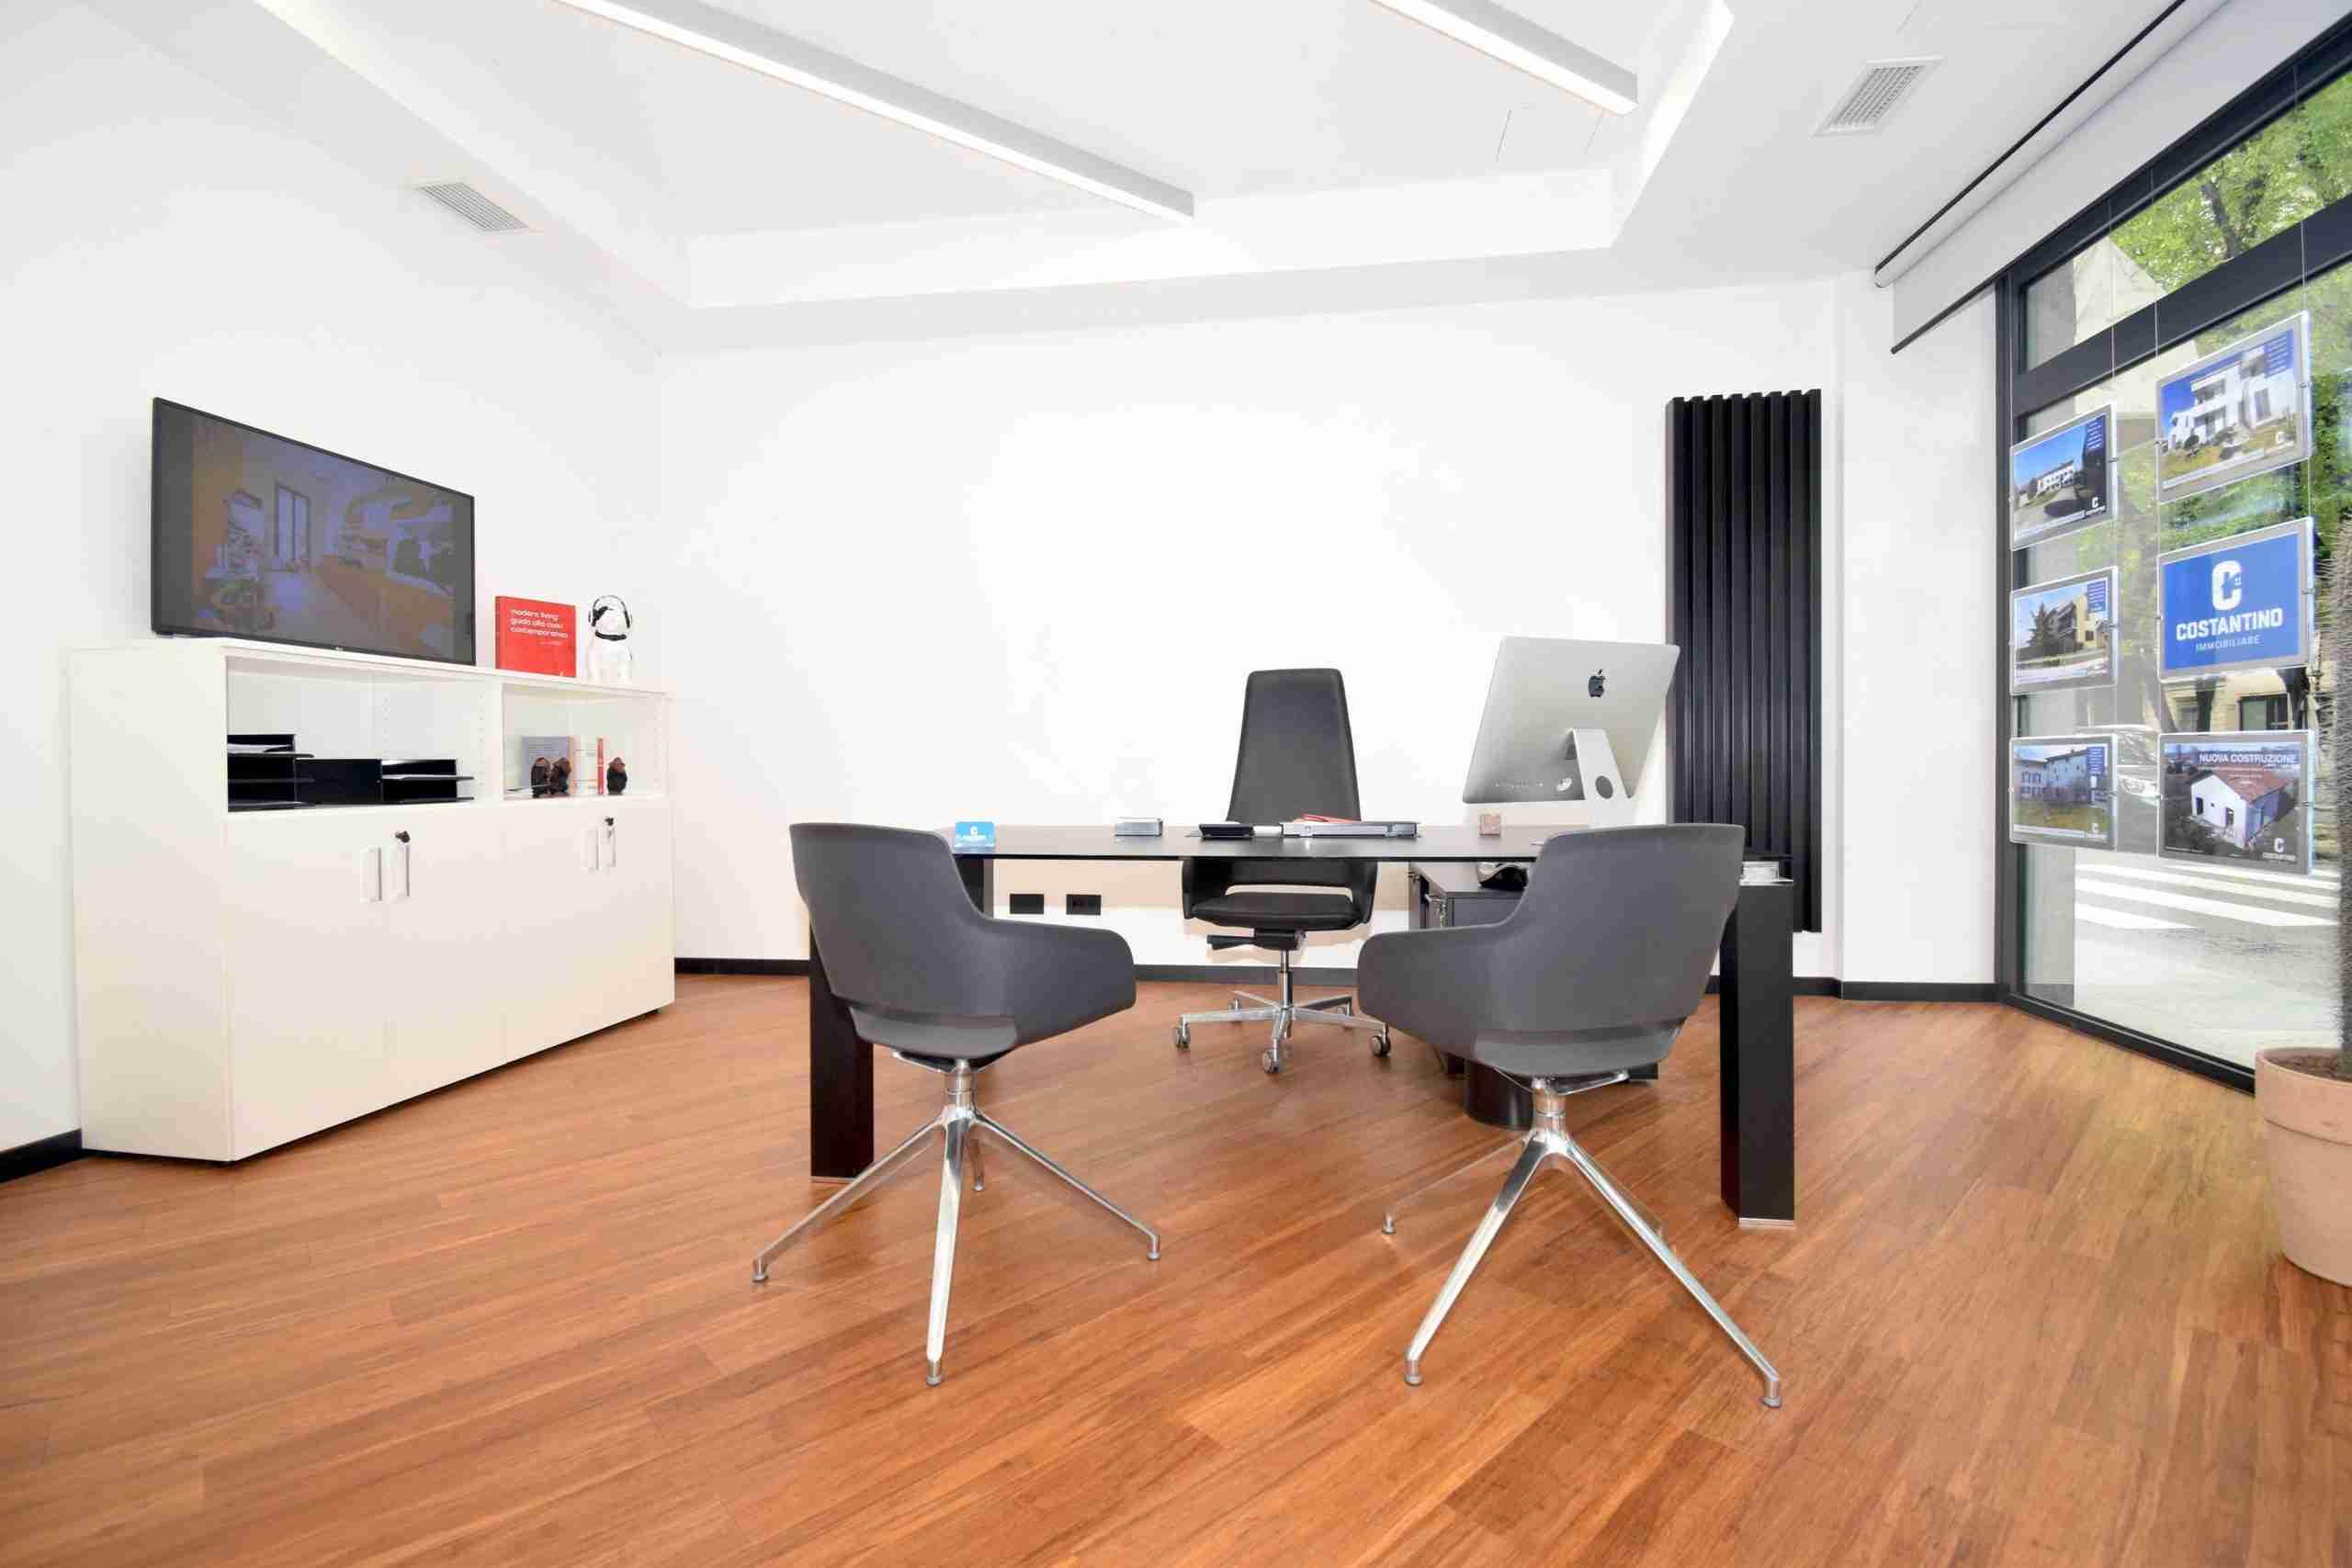 costantino-immobiliare-uffici-intermediazione-vercelli